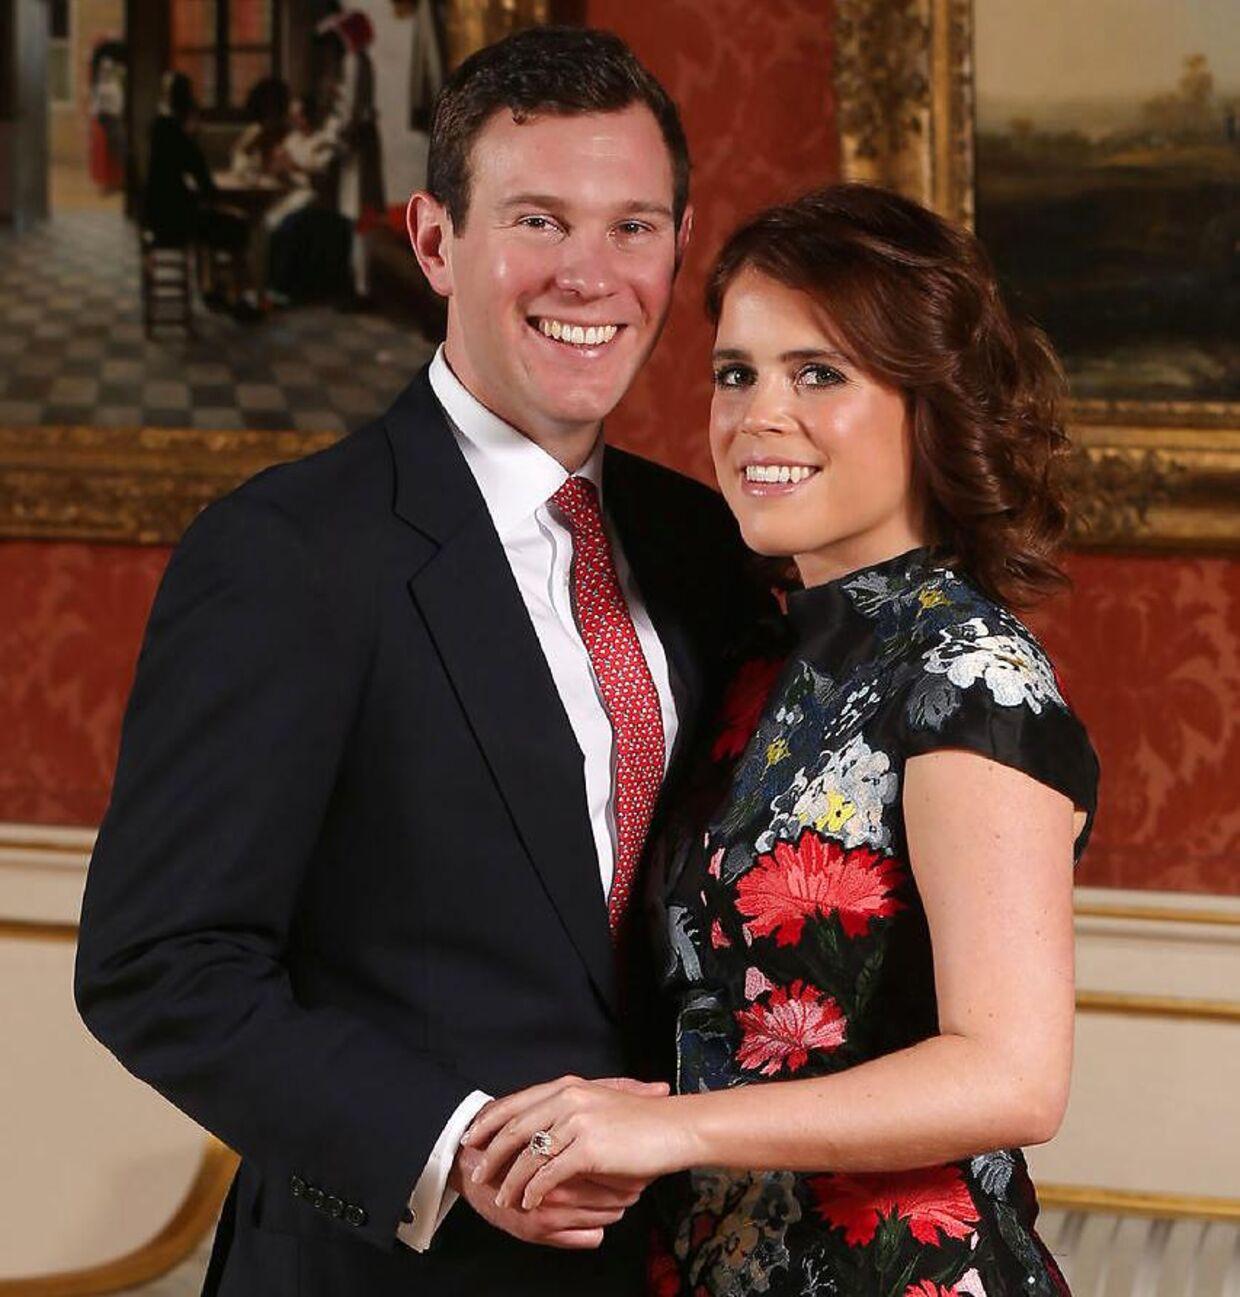 Til efteråret skal prinsesse Eugenie giftes med sin kæreste Jack Brooksbank.